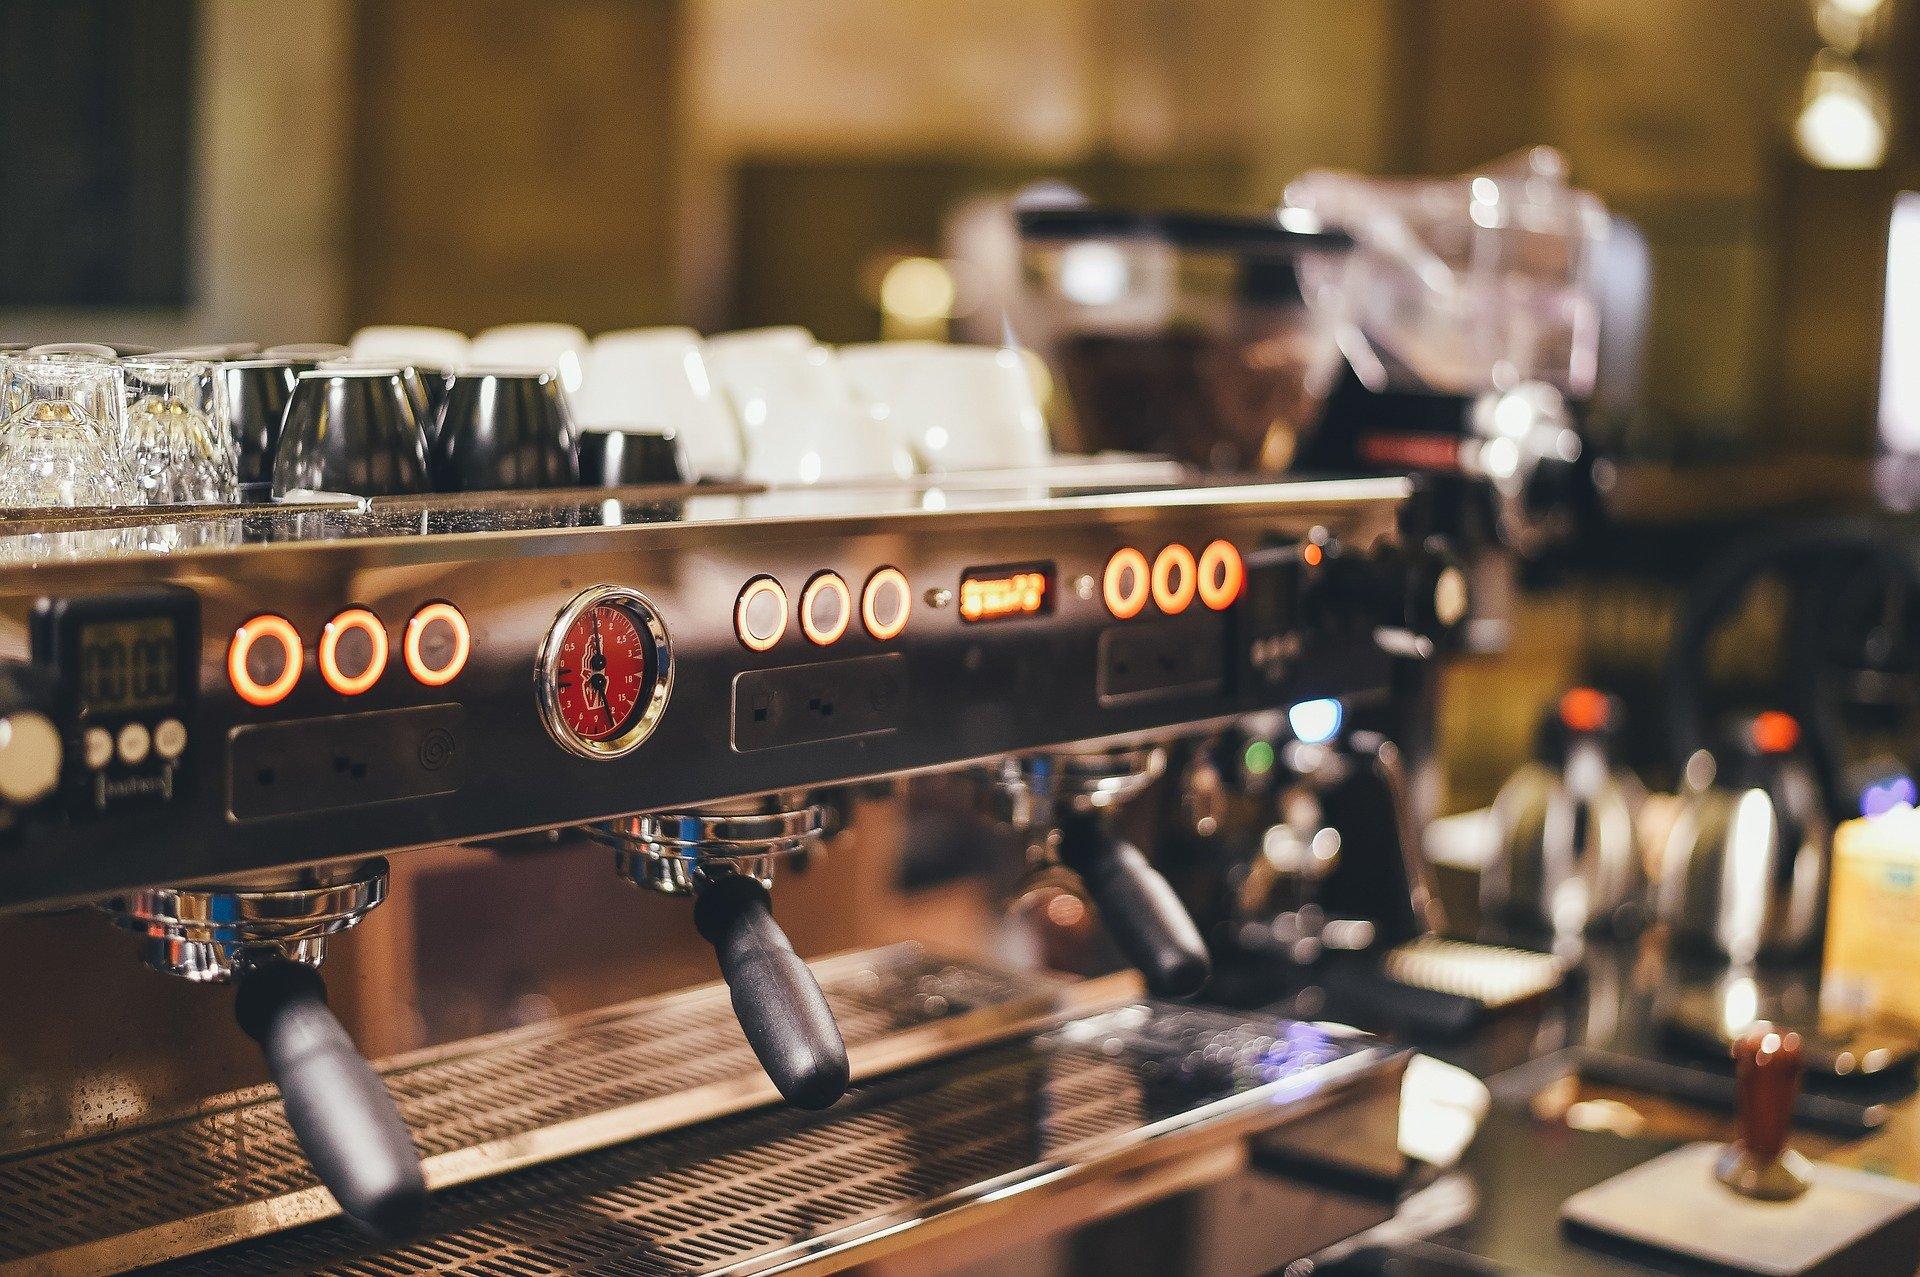 Koffiemachines voor bedrijven – Top 3 en Reviews